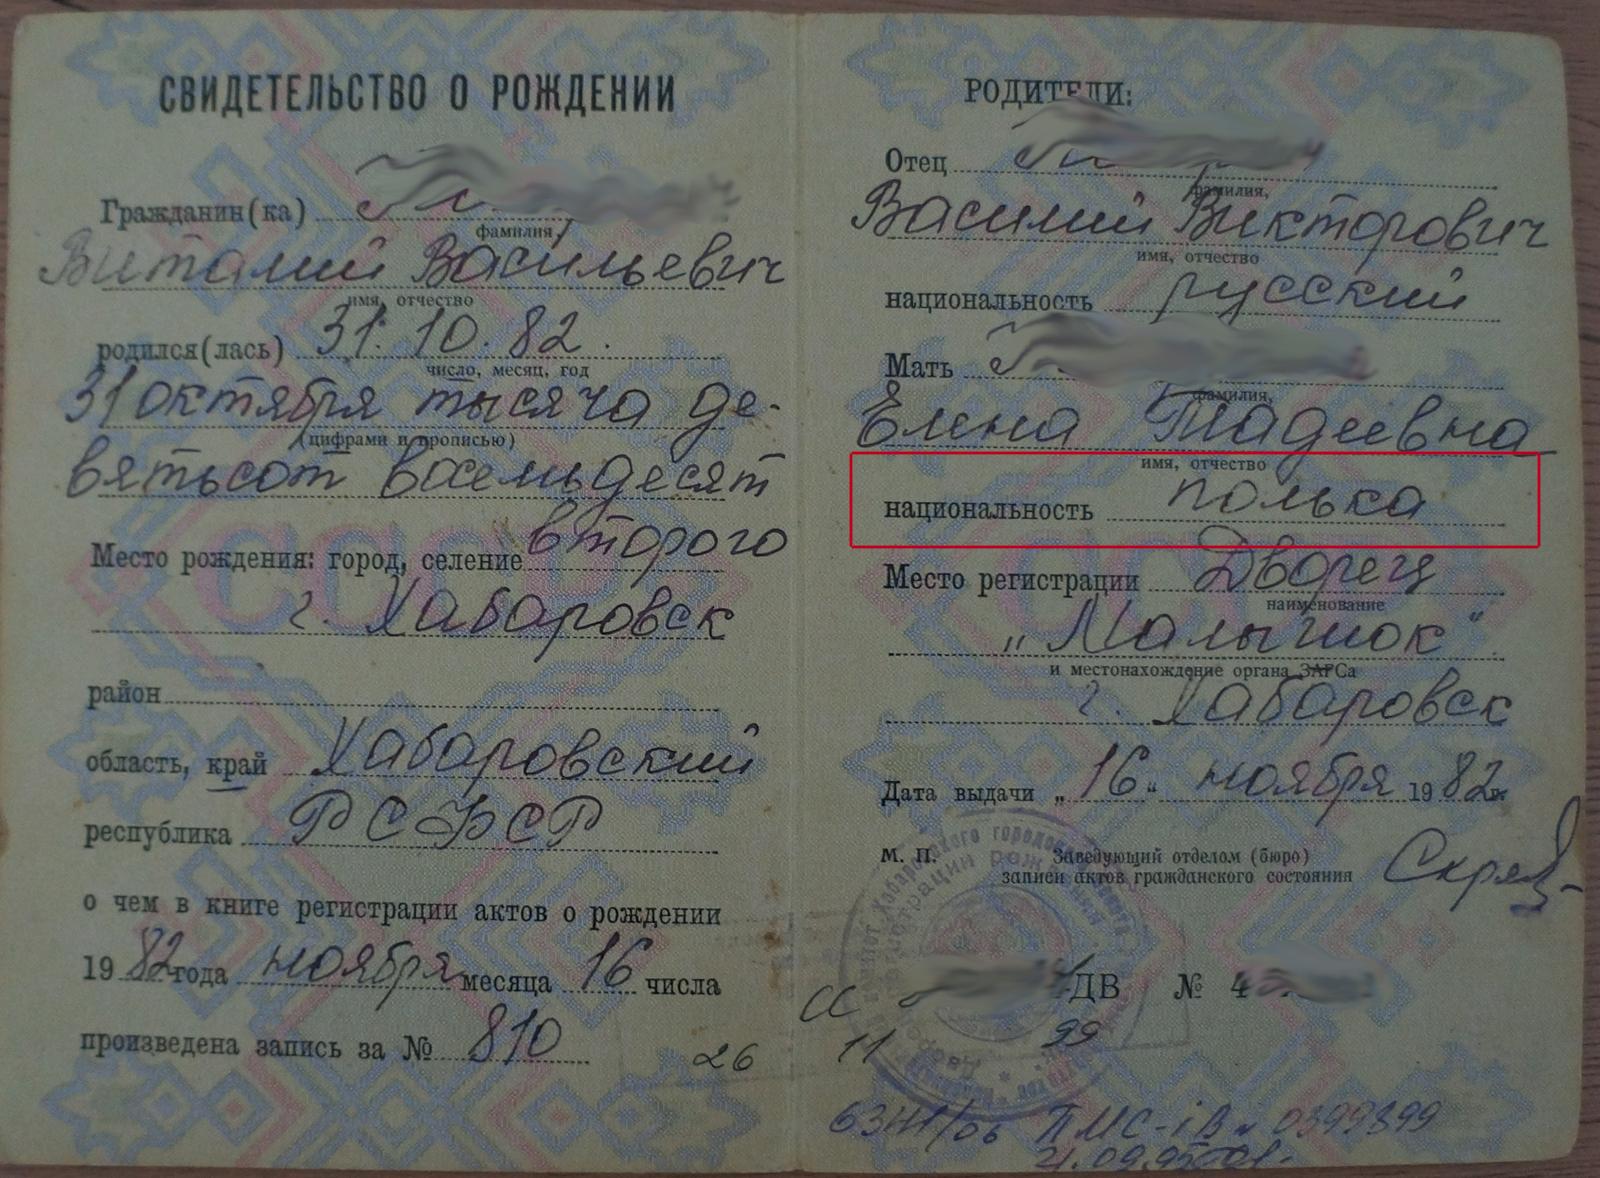 свидетельство о рождении советского образца с указанием национальности родителей